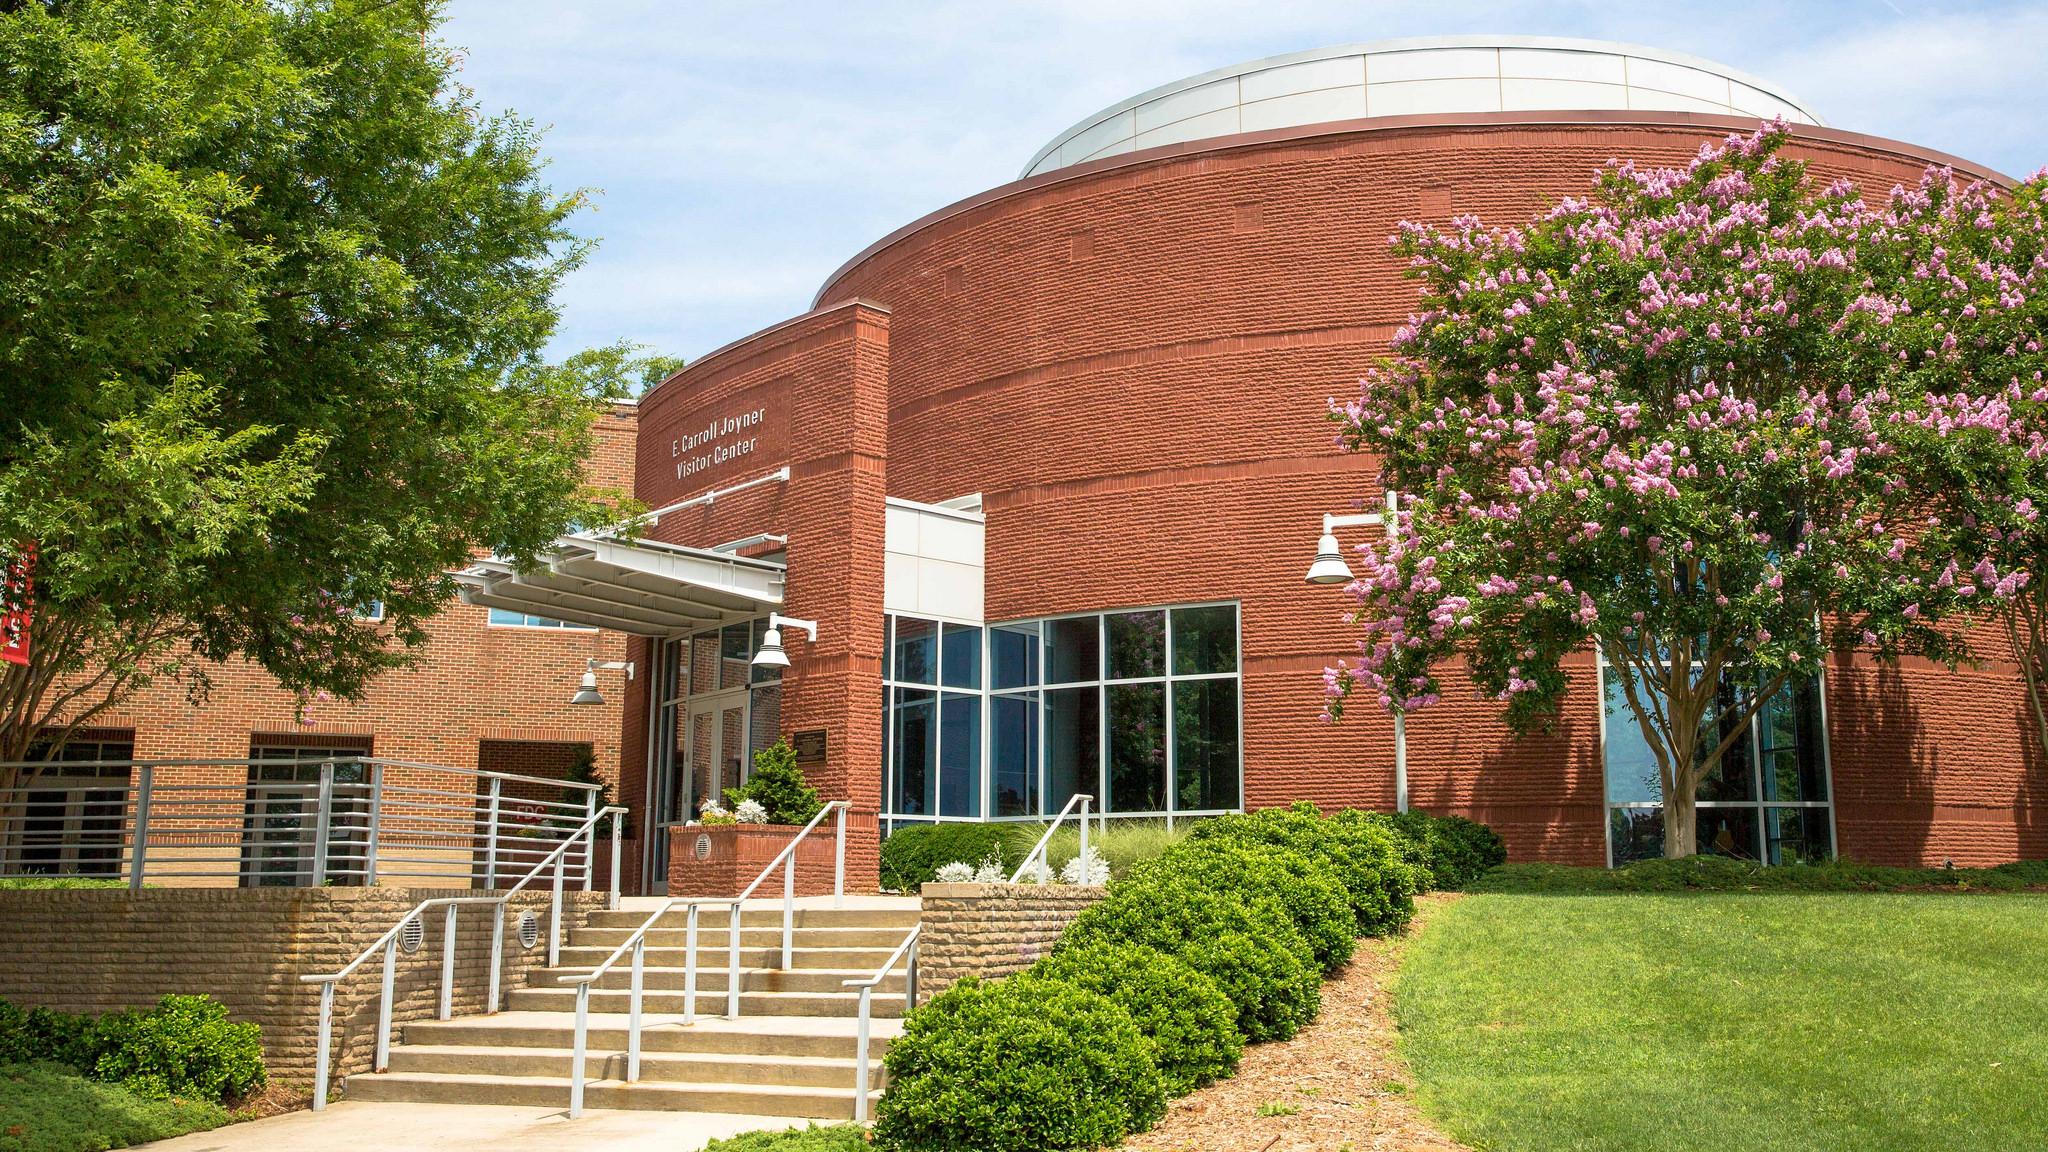 Joyner Visitor Center